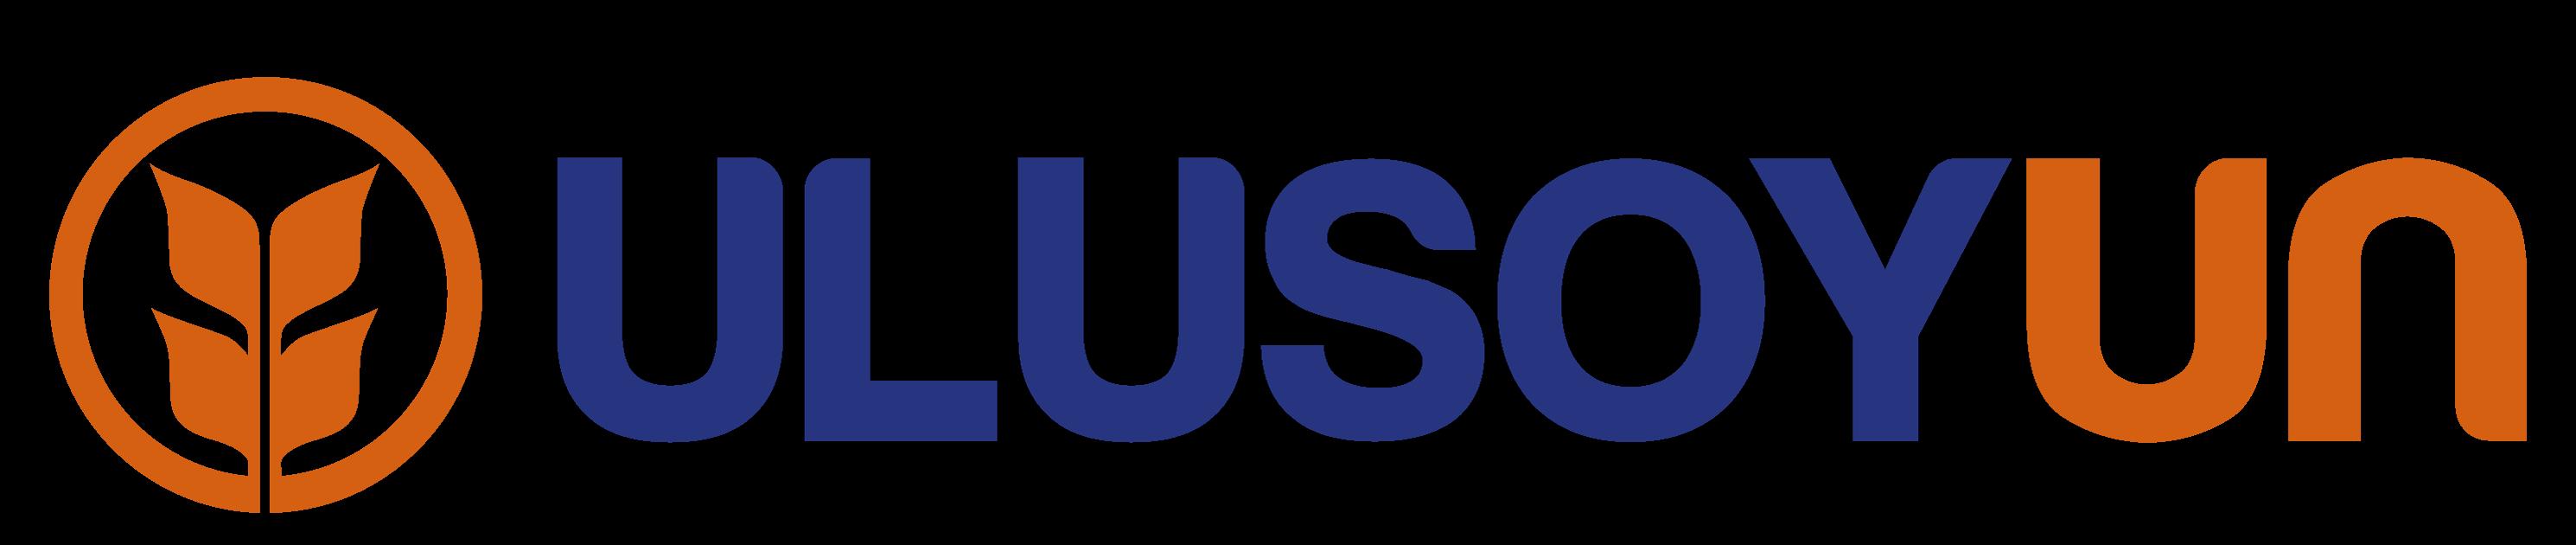 Ulusoy Un